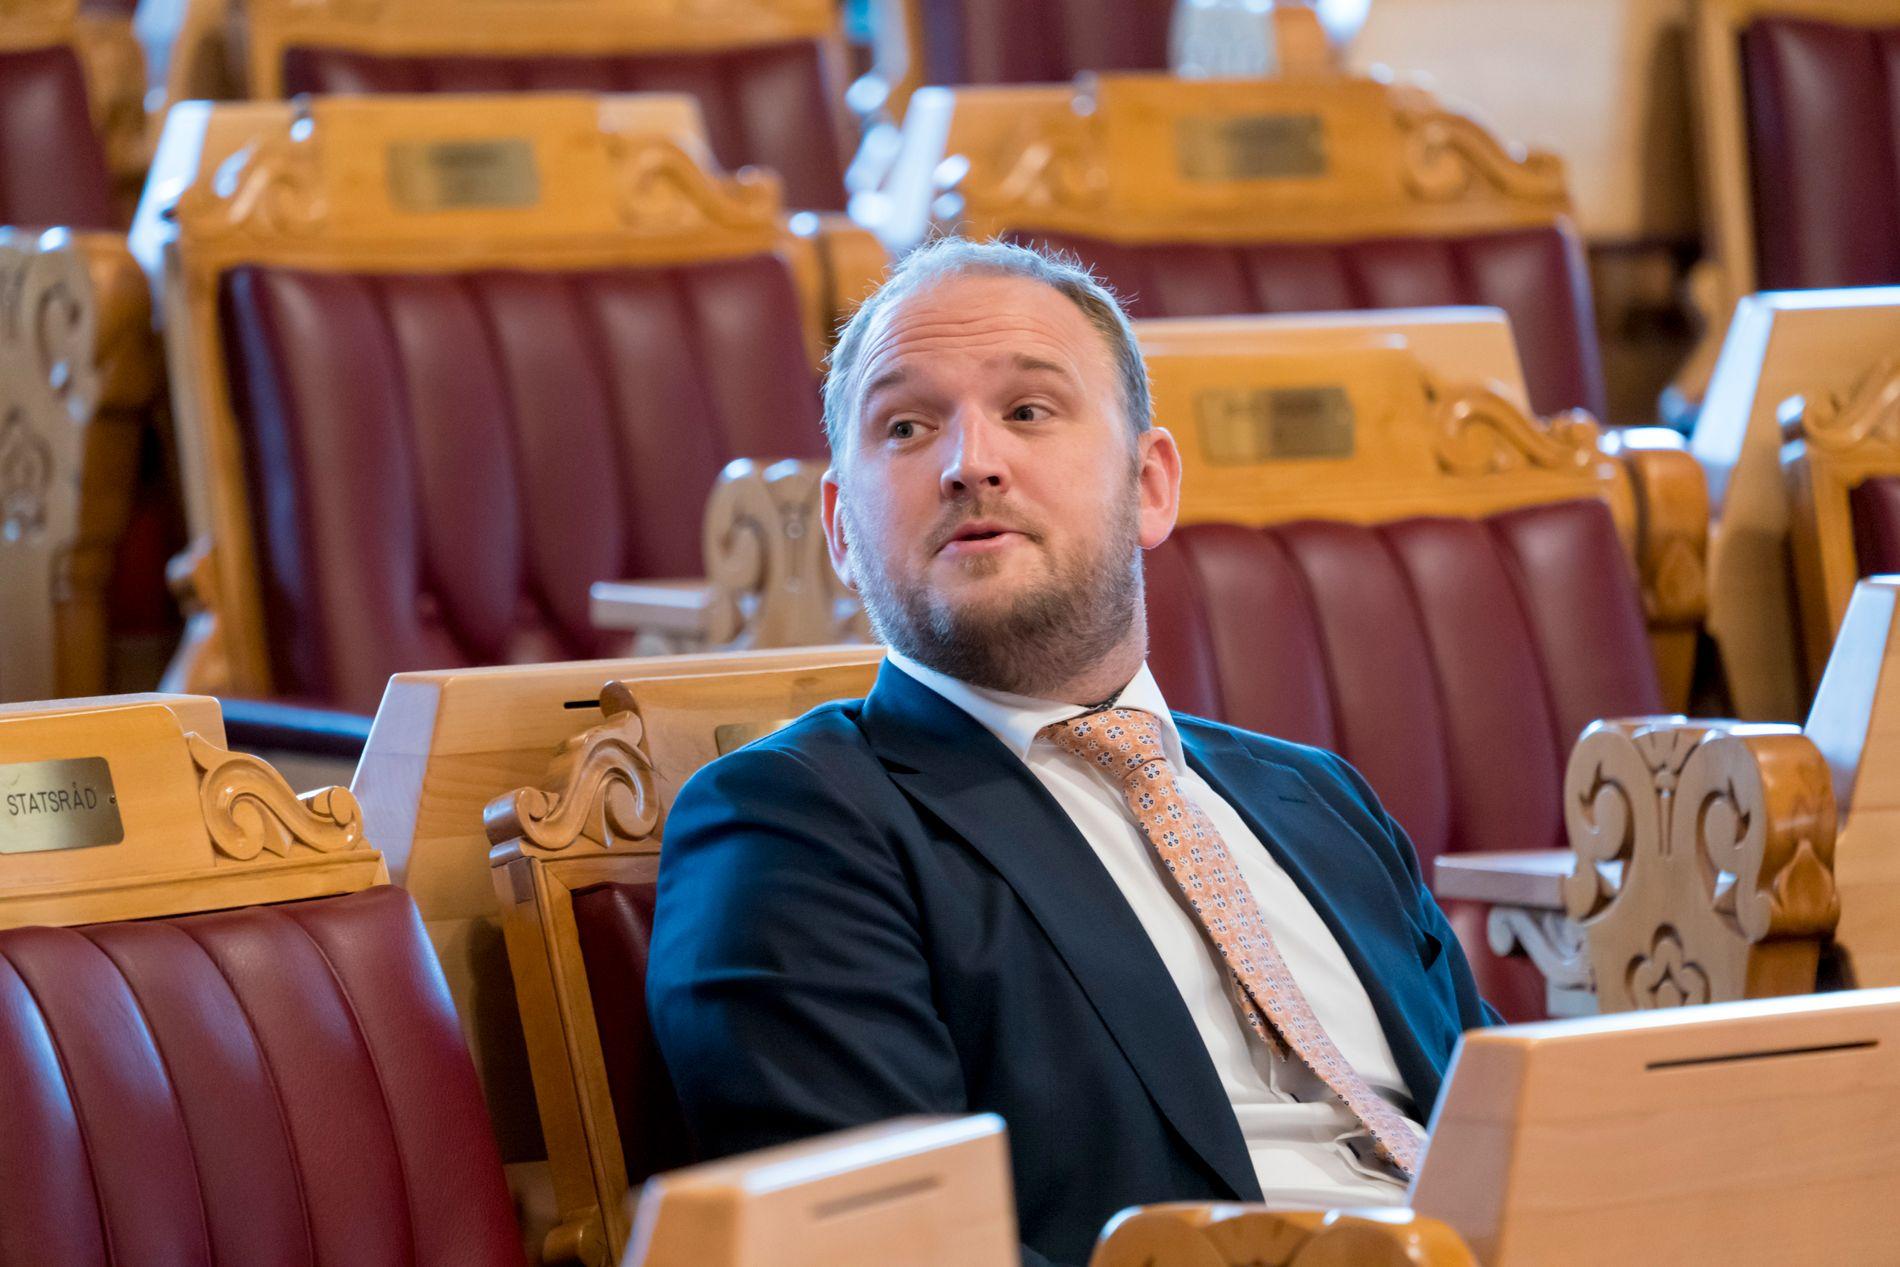 VIL FJERNE: Samferdselsminister Jon Georg Dale (Frp) har tatt første skritt mot en reduksjon av fotobokser på norske veier. Trygg Trafikk frykter at flere kan bli drept og hardt skadd.